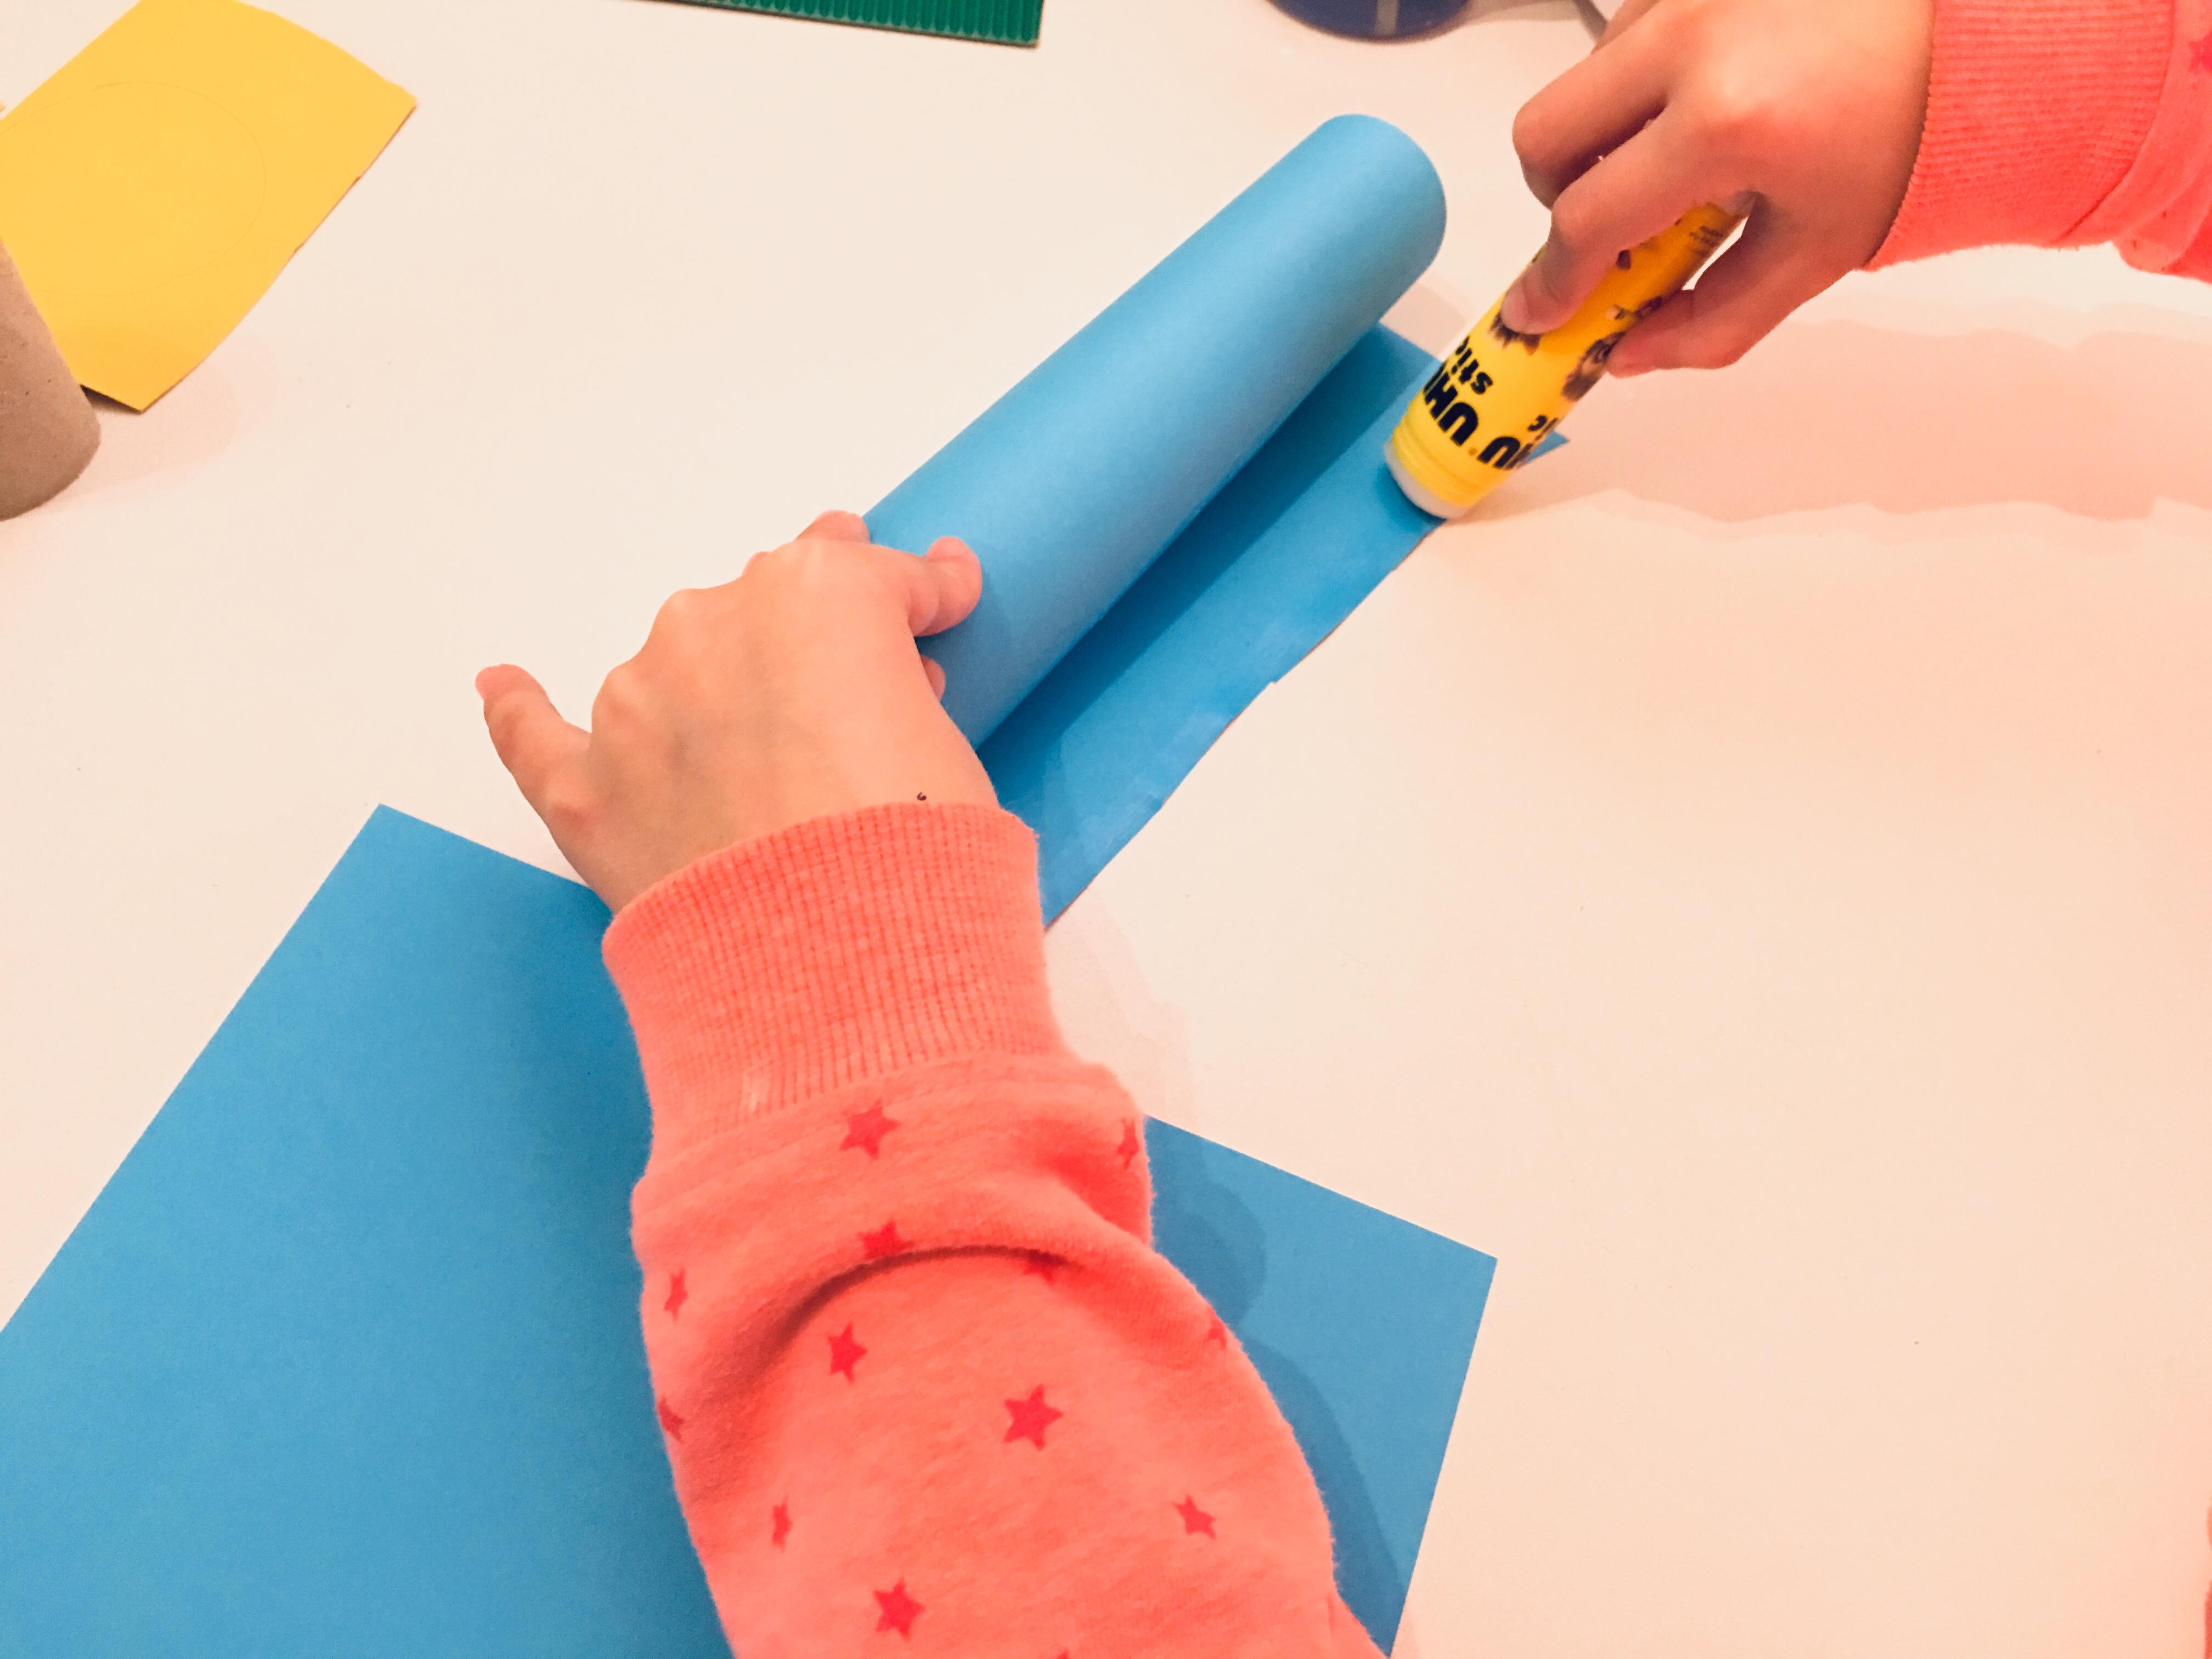 kerzen aus toilettenpapierrollen basteln f r weihnachten der familienblog f r kreative eltern. Black Bedroom Furniture Sets. Home Design Ideas